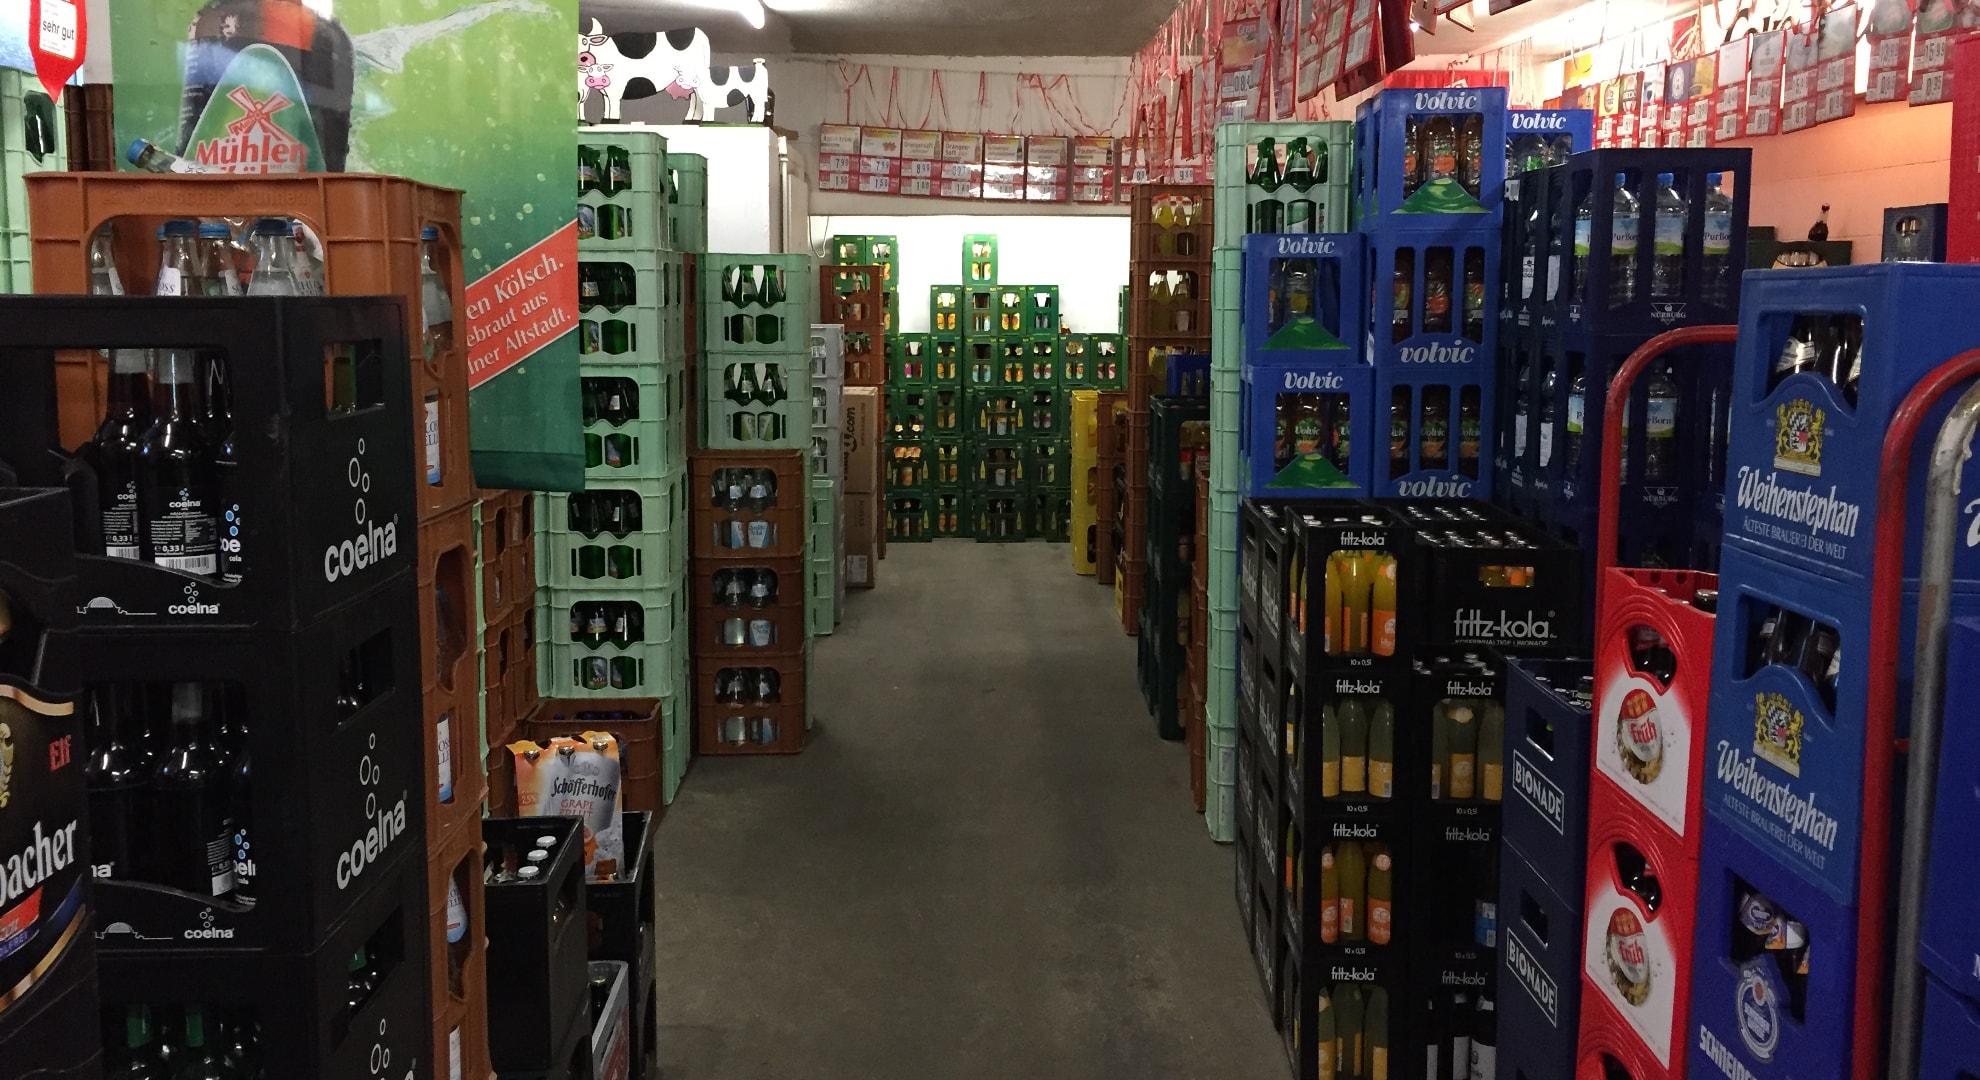 Getränke Ünlü - Ihr Getränke Lieferservice in Köln